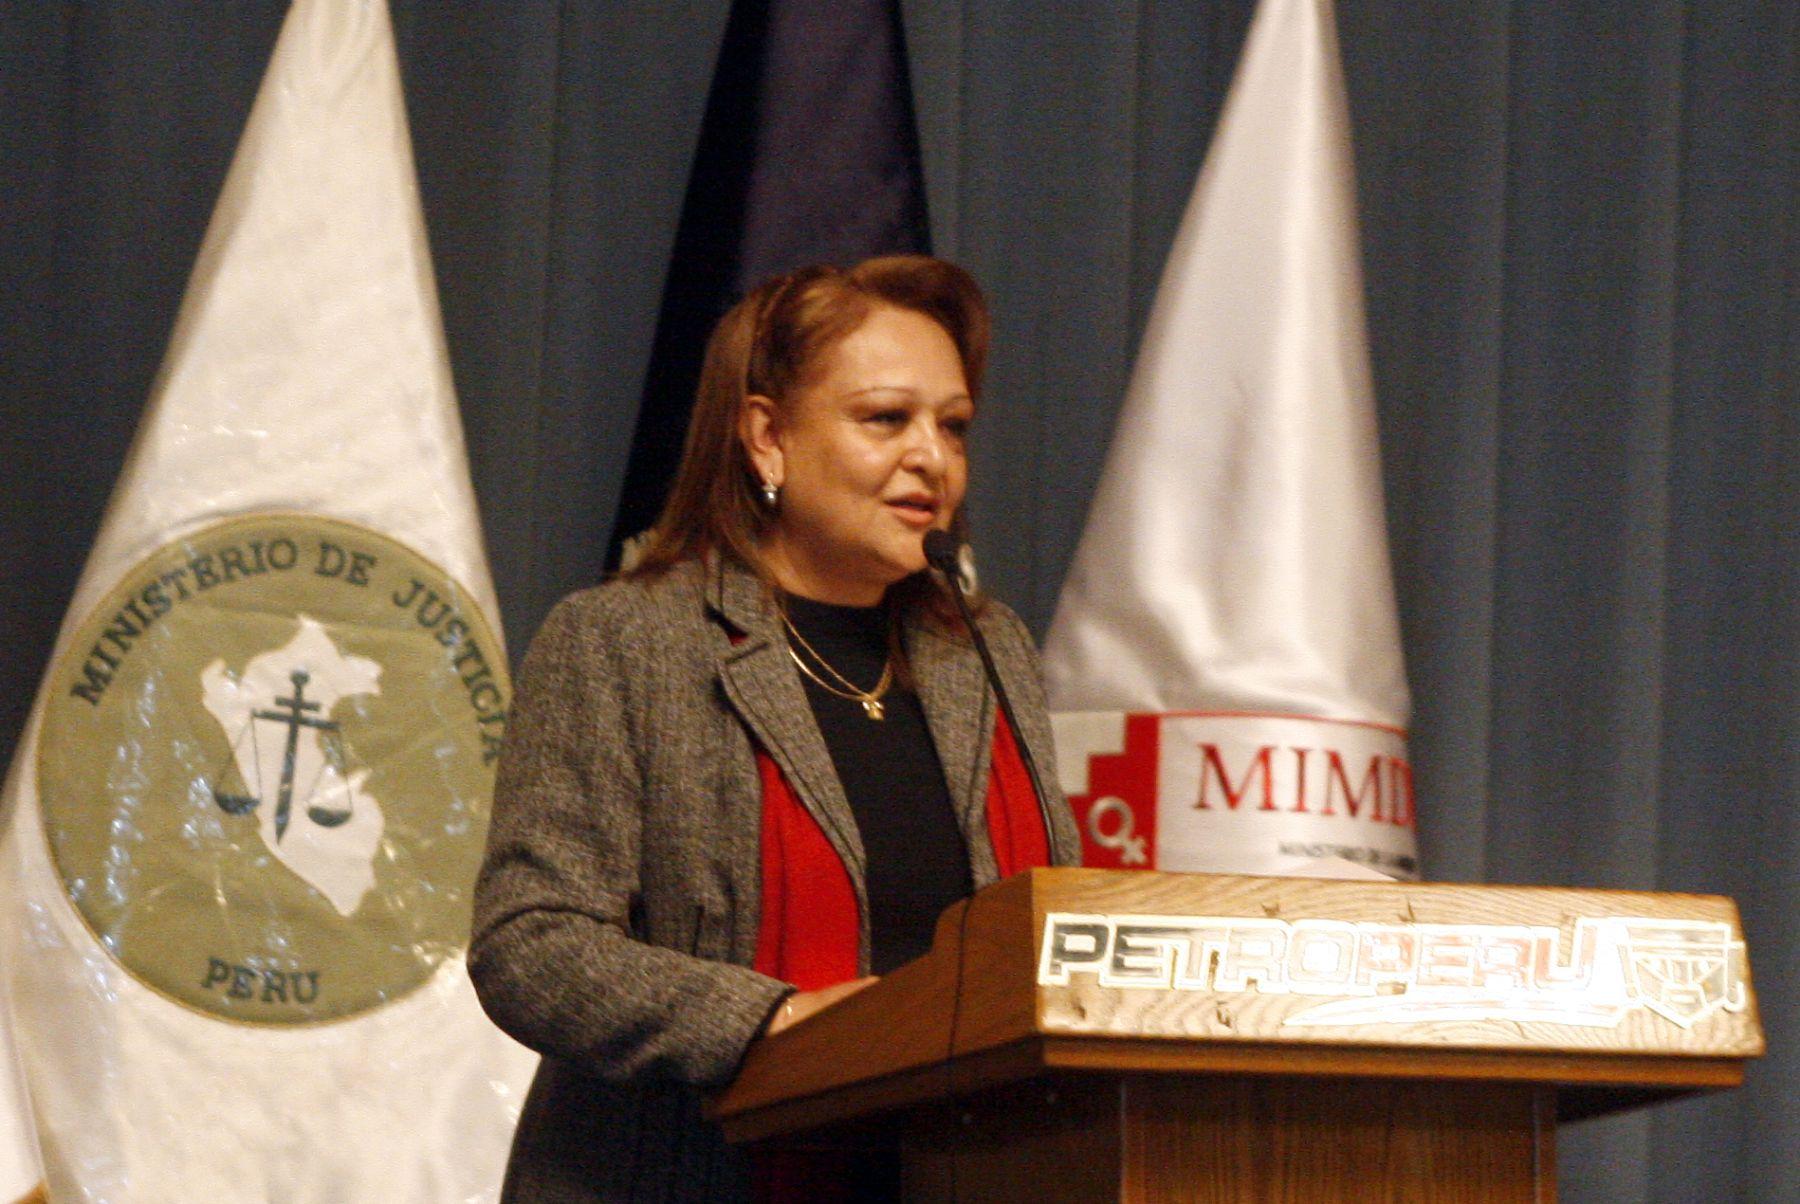 Dolores Tasayco, Vice ministra de  la Mujer, presentó resultado de Plan Nacional contra la Violencia Familiar. Foto. ANDINA/Stephanie Zollner